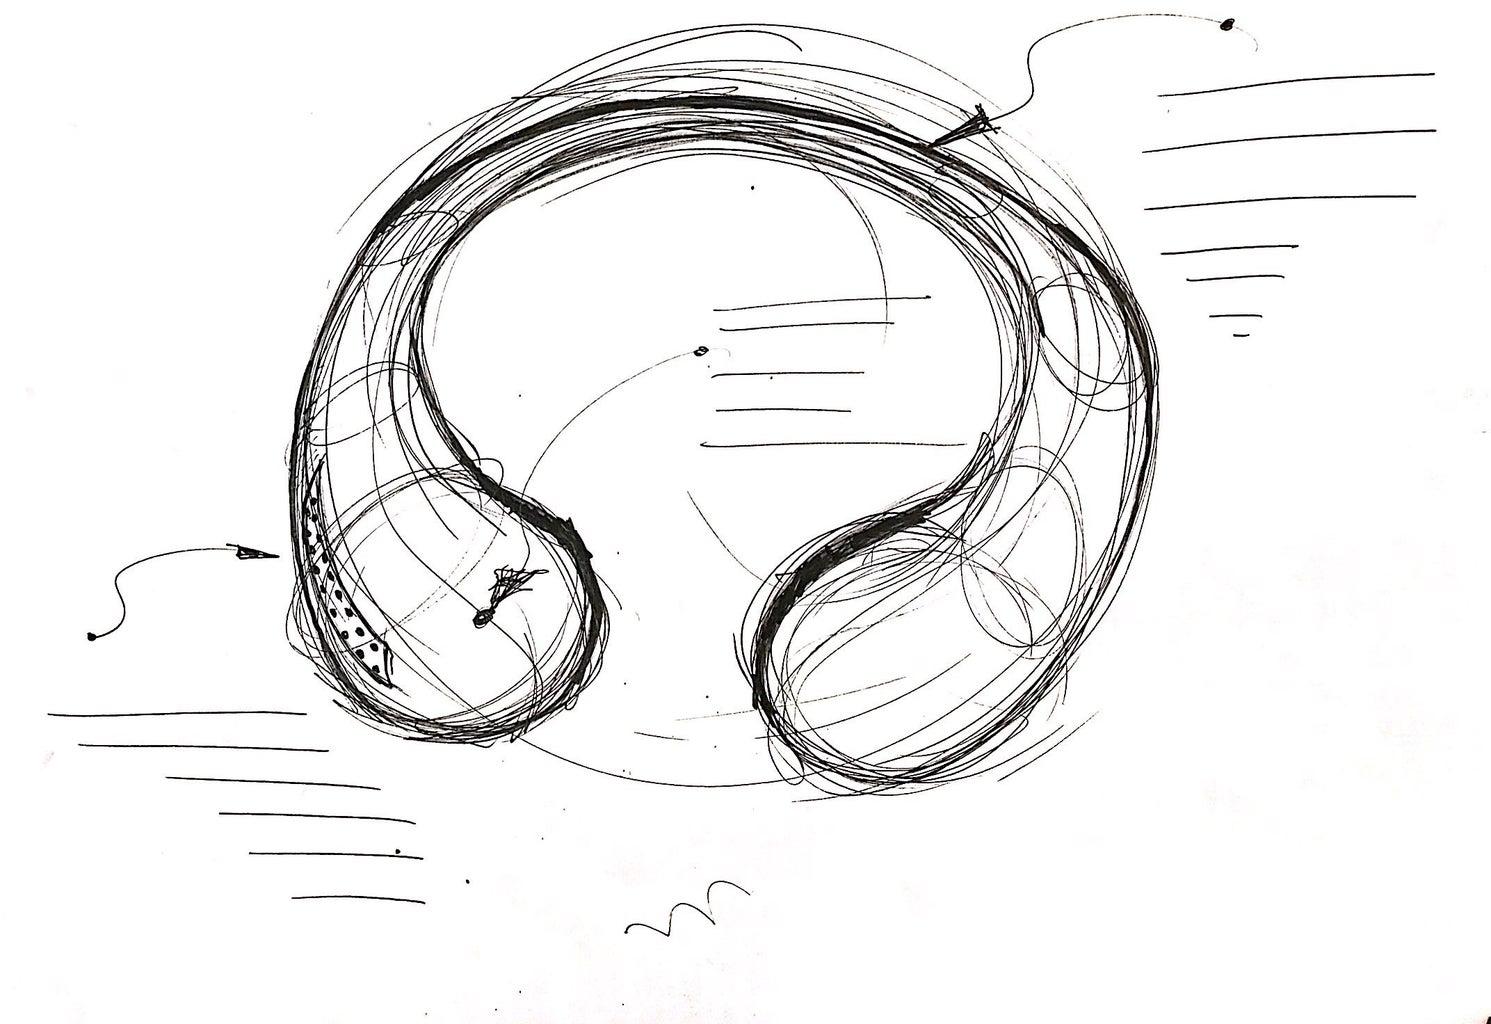 Create 3D Model of Earphones Using CAD Software